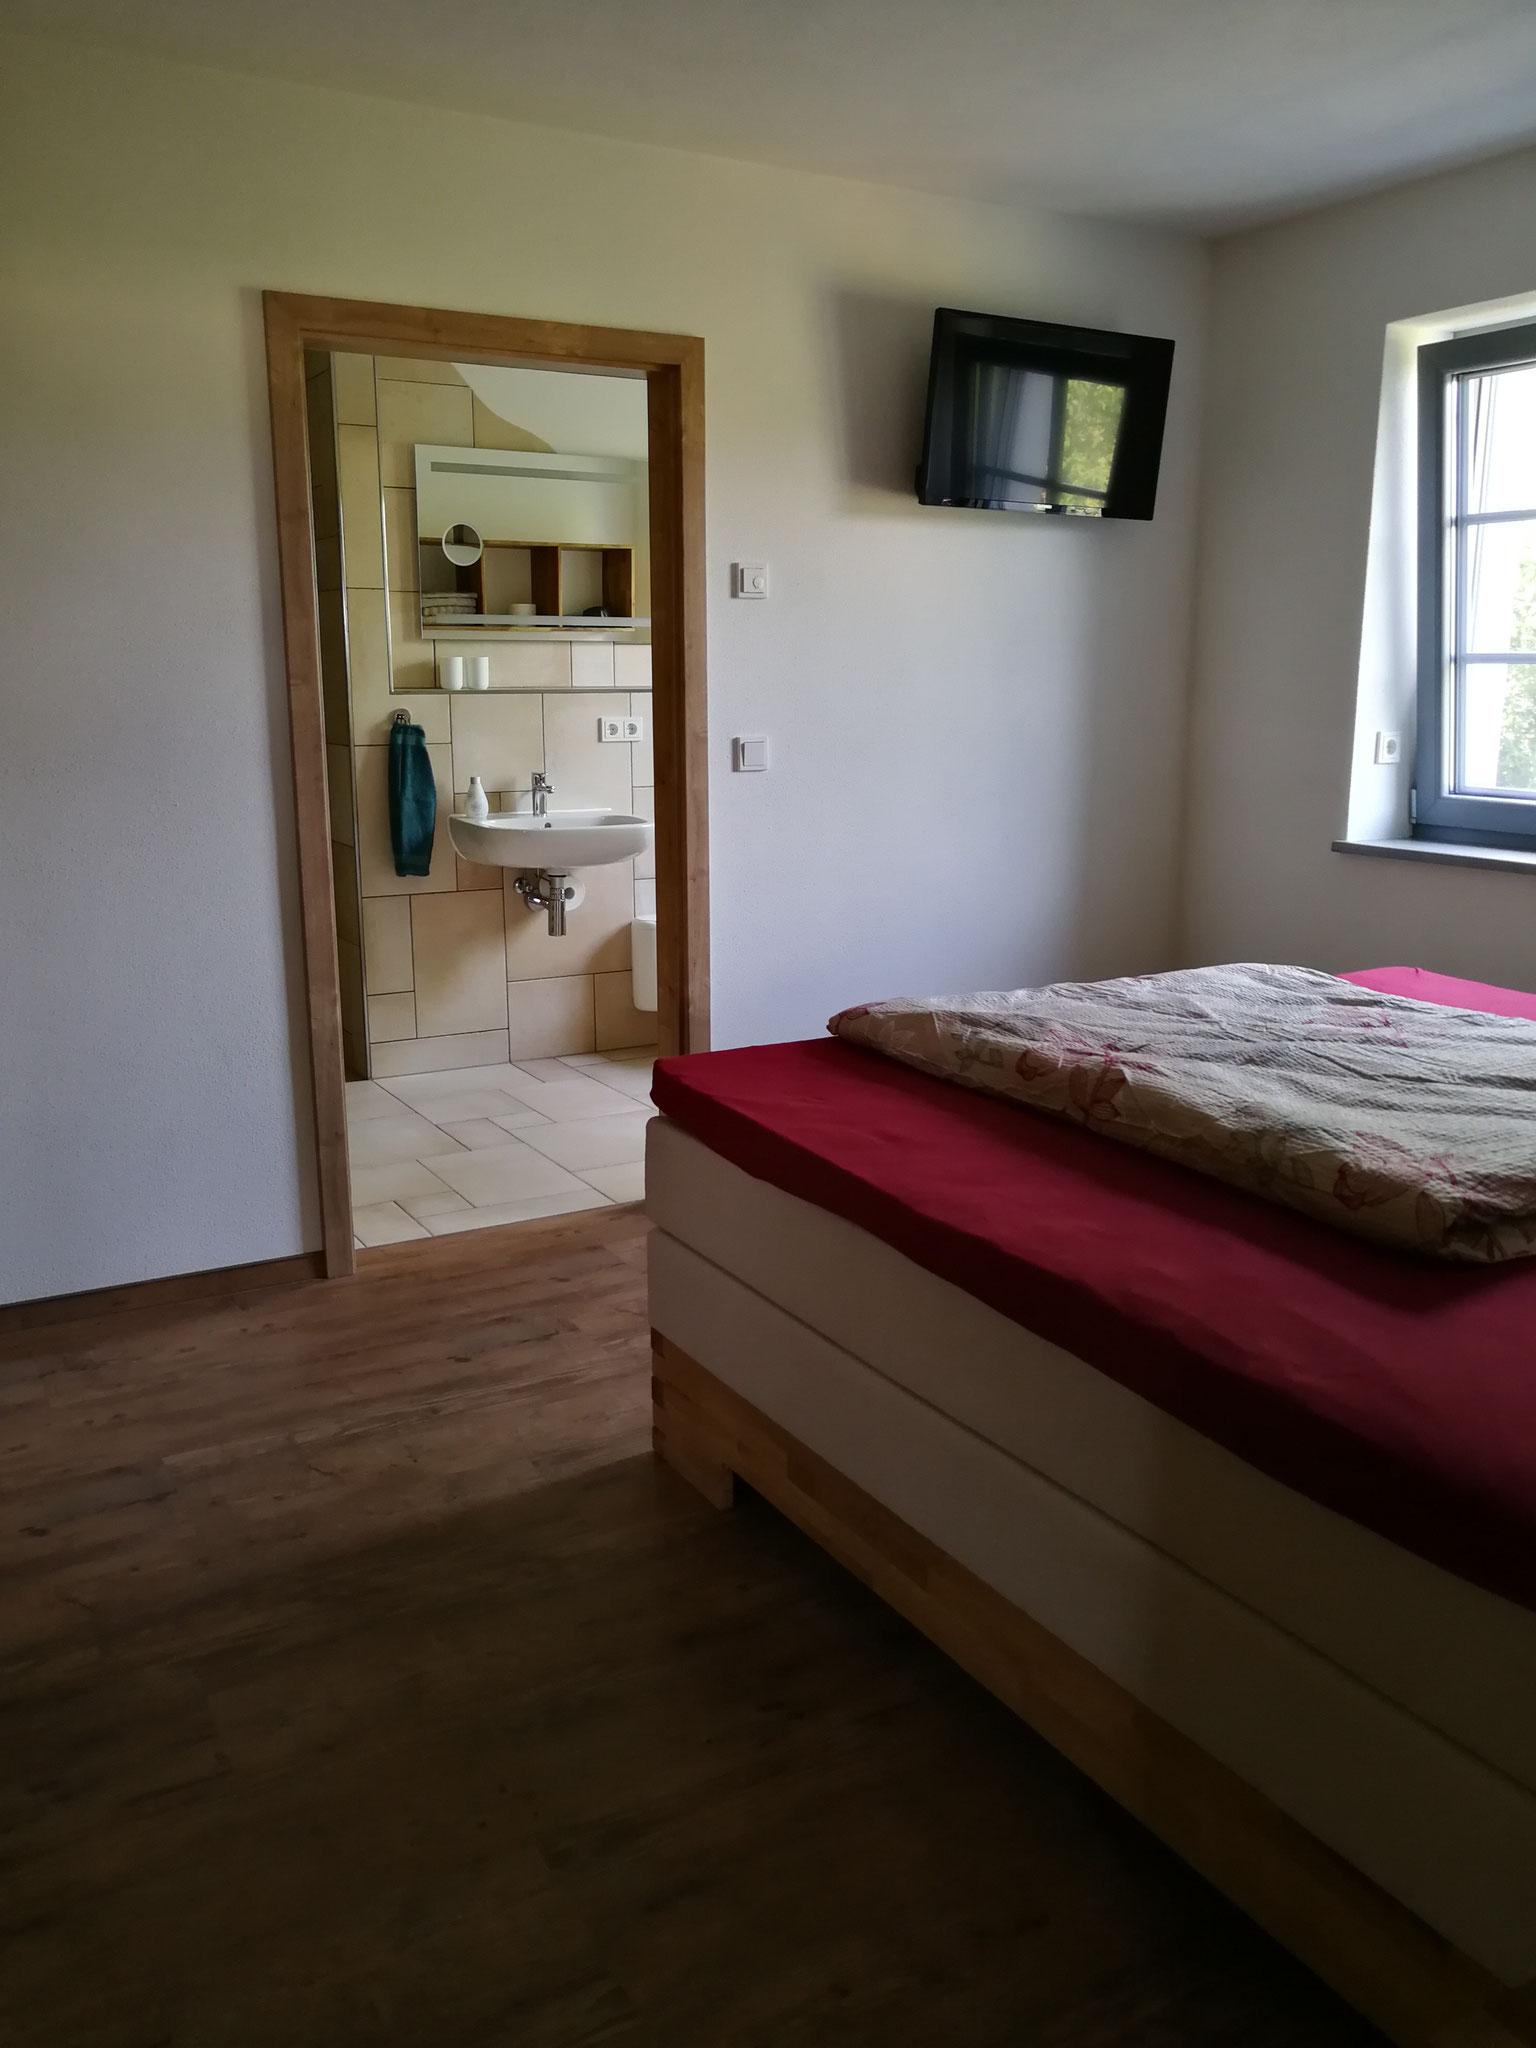 FeWo Landblick Schlafzimmer 1 mit Blick ins Bad